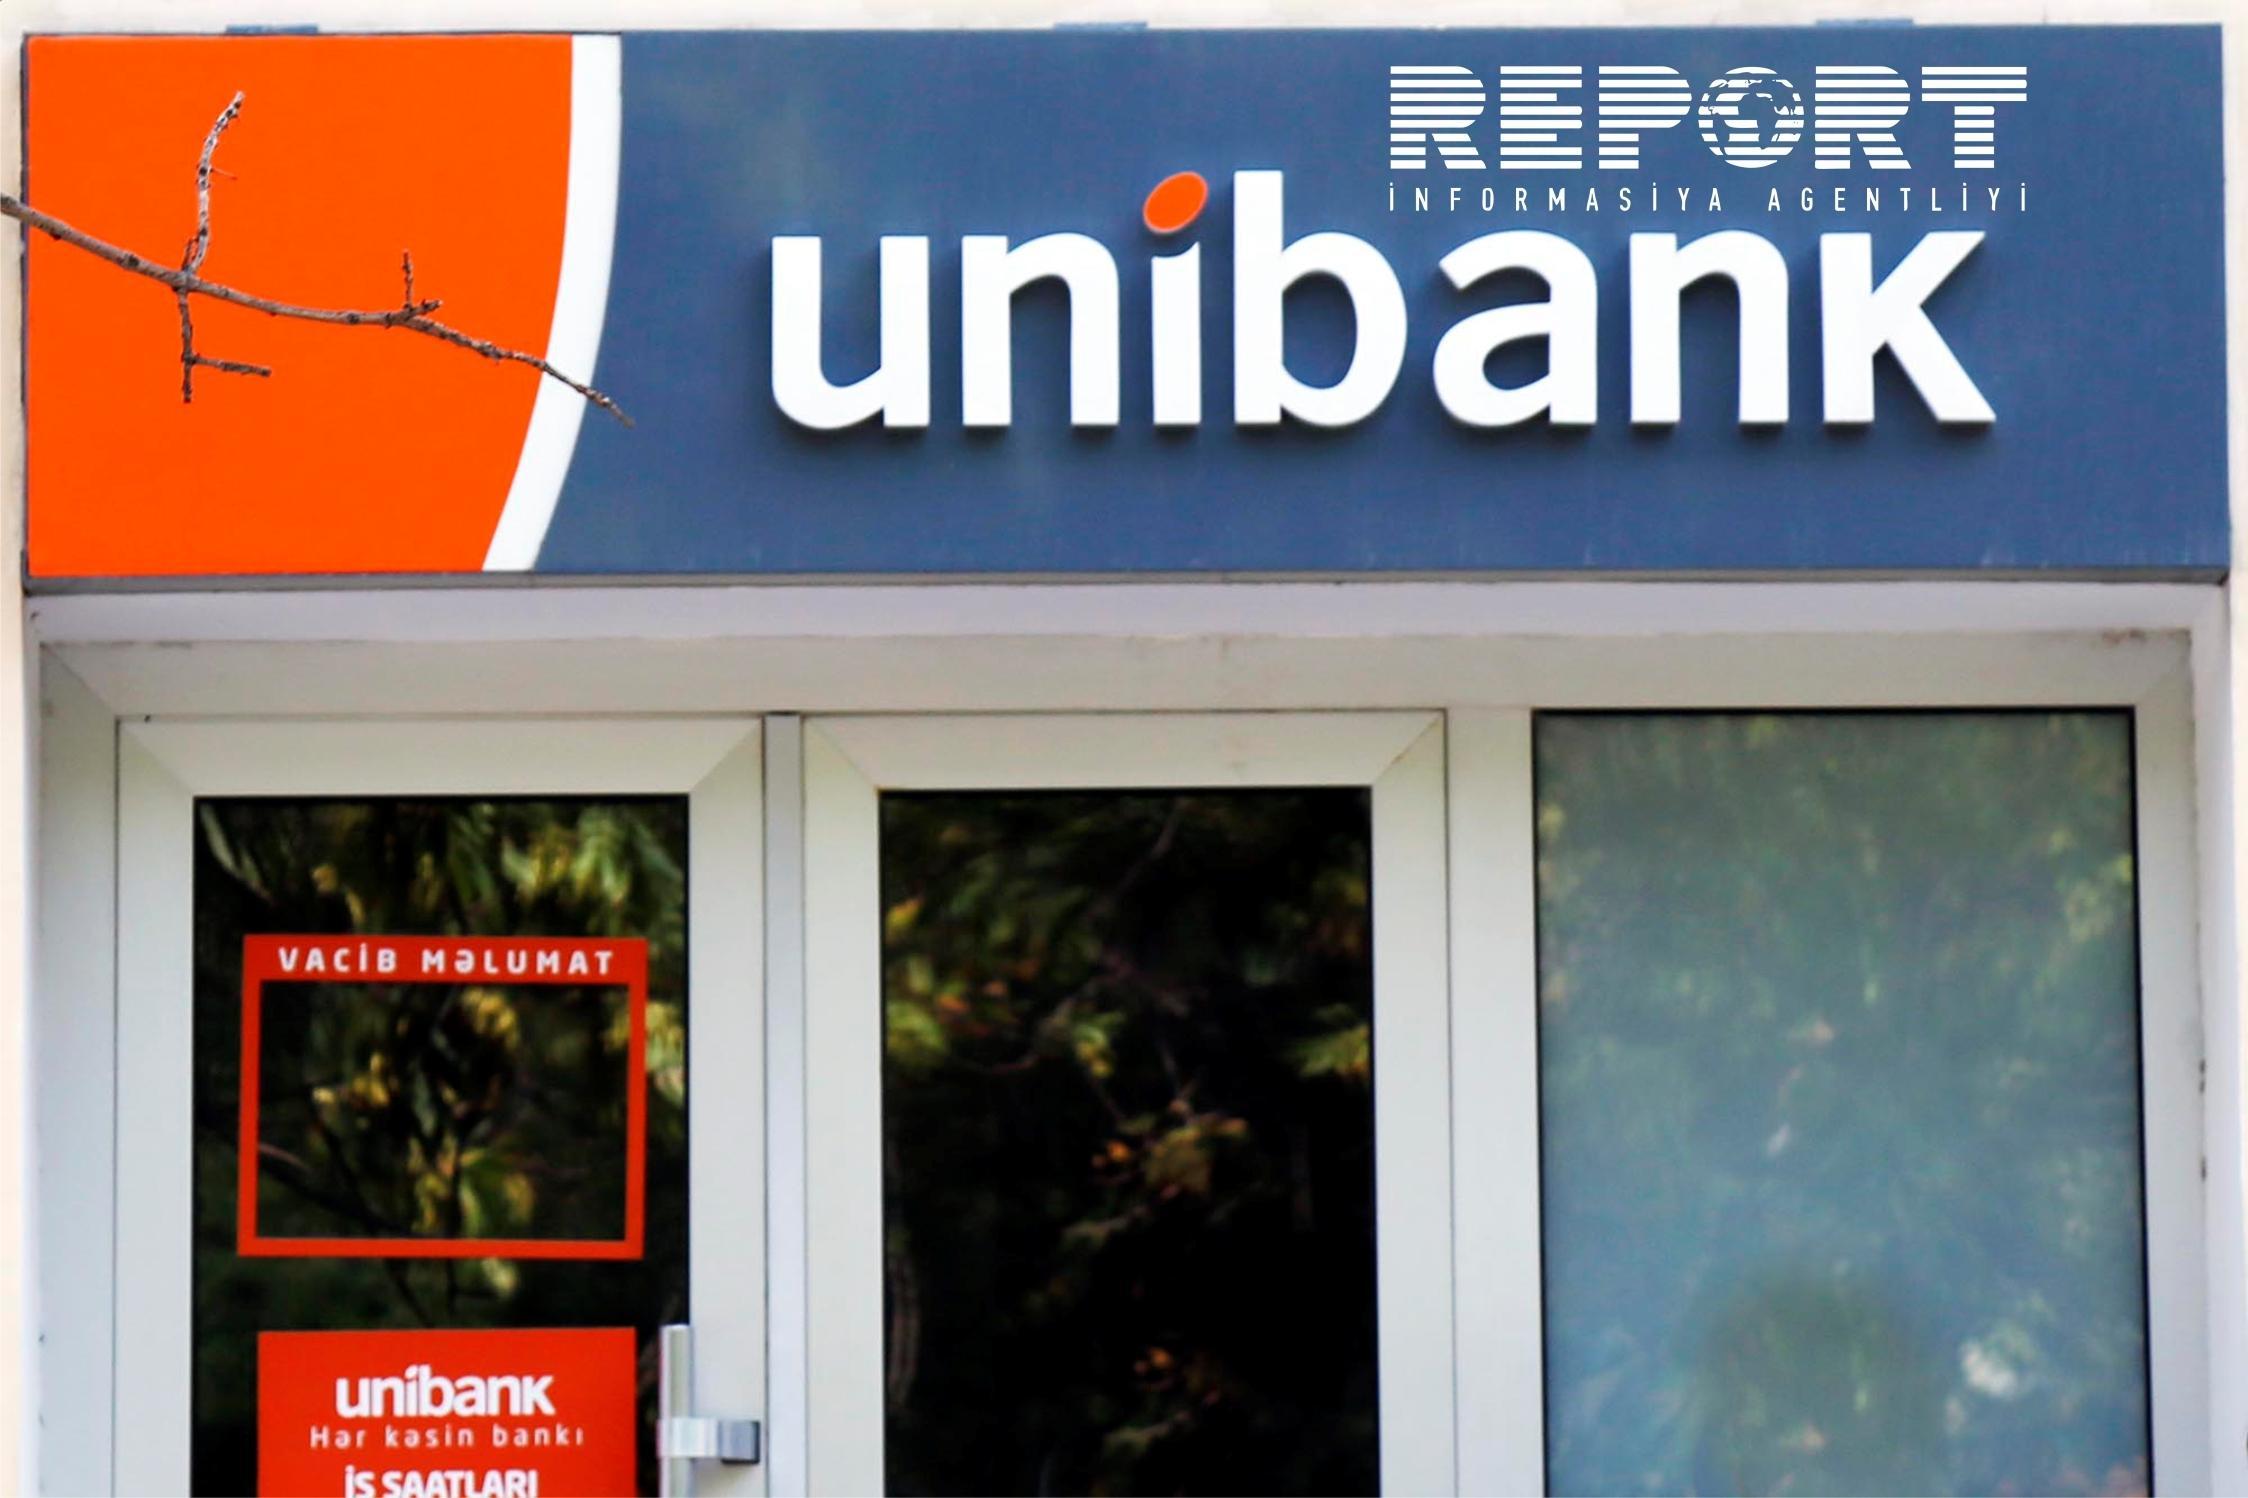 Unibank komissiyasız kredit kampaniyası keçirir